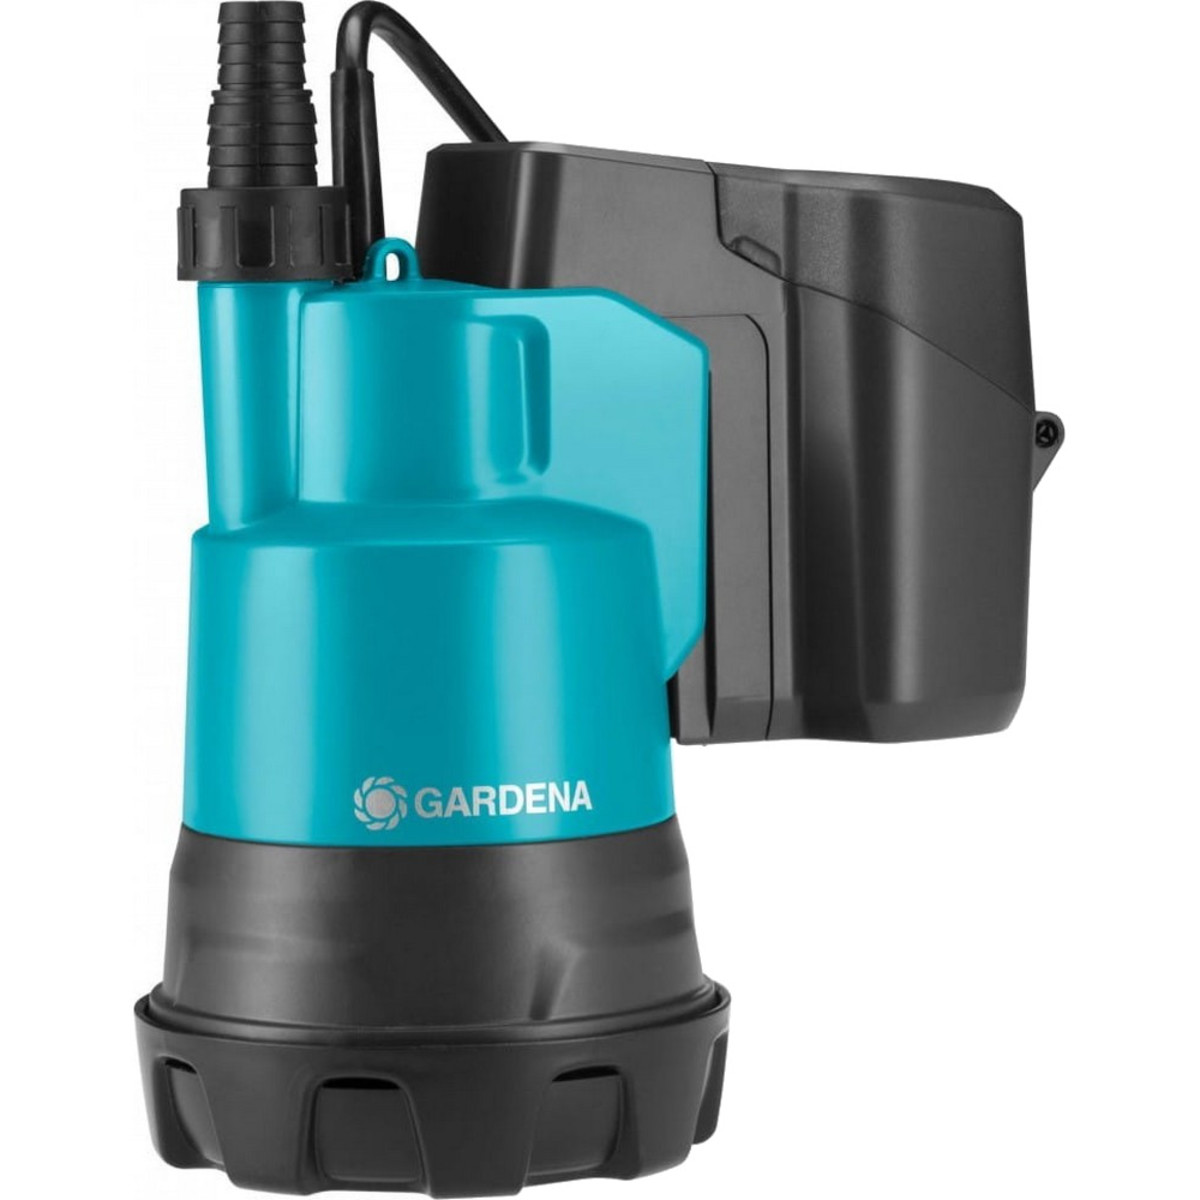 Дренажный насос Gardena 2000/2 Li-18 2000 л/час 01748-20.000.00